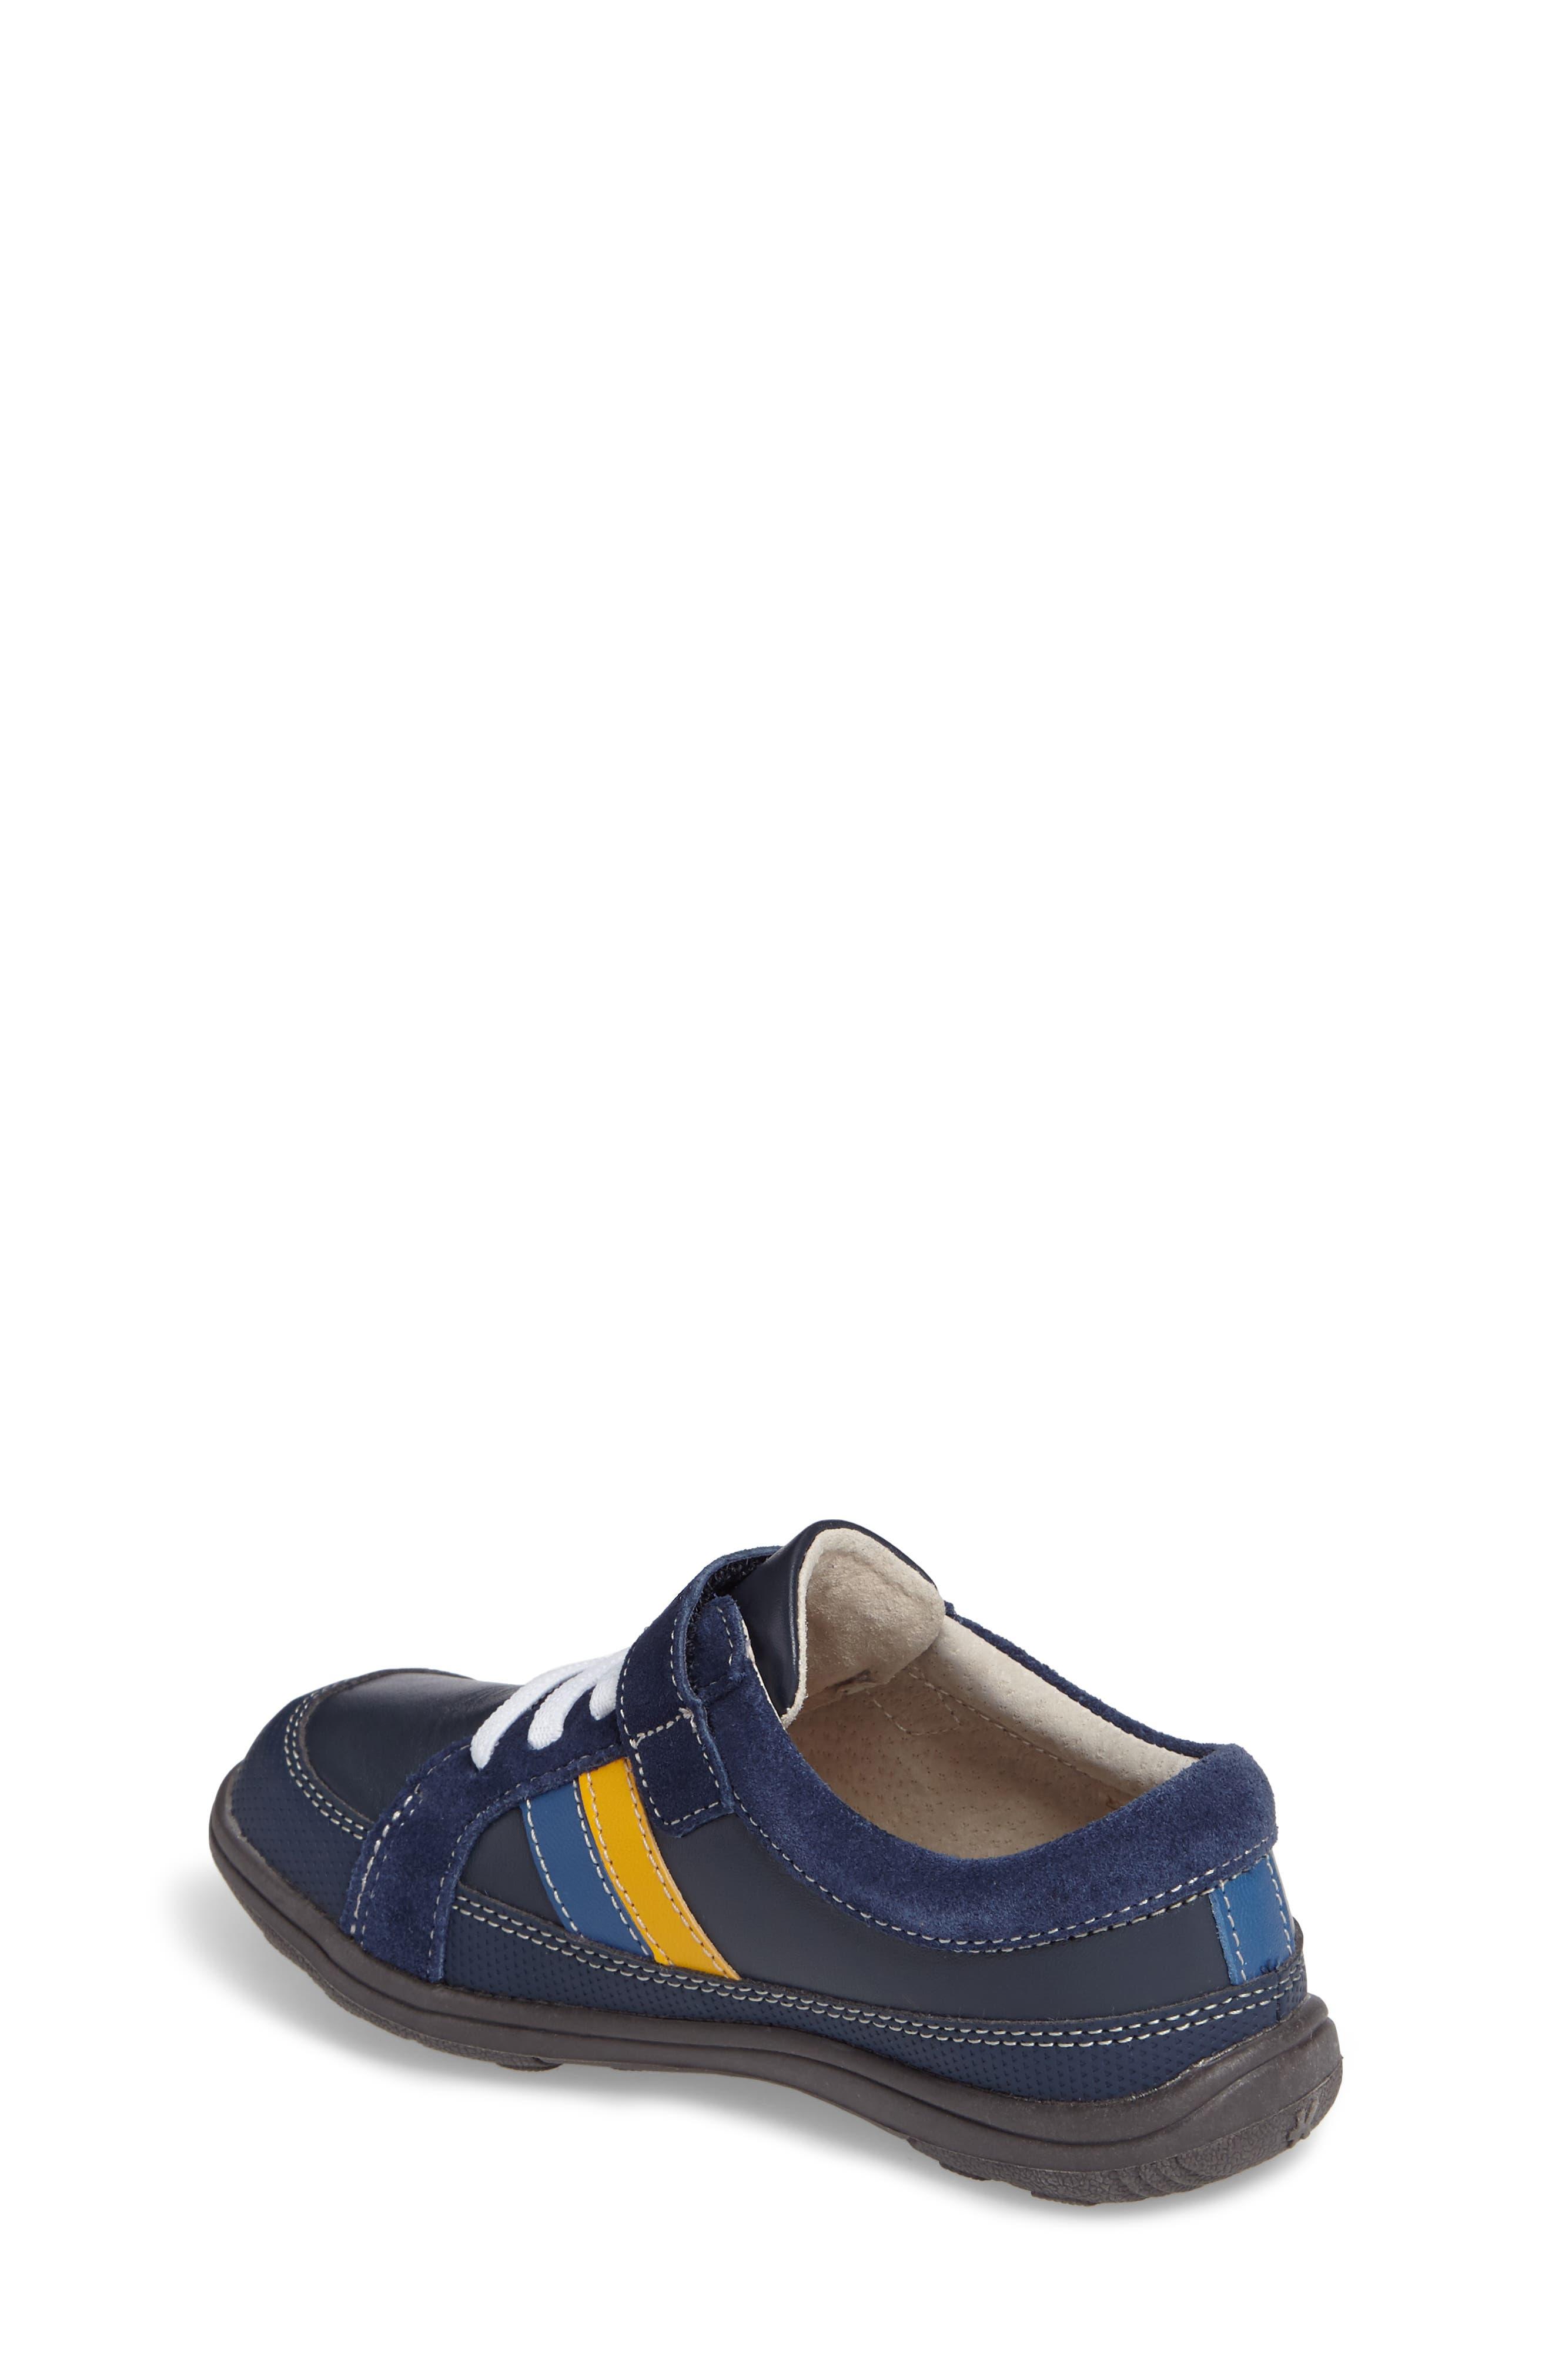 'Randall' Sneaker,                             Alternate thumbnail 2, color,                             Navy